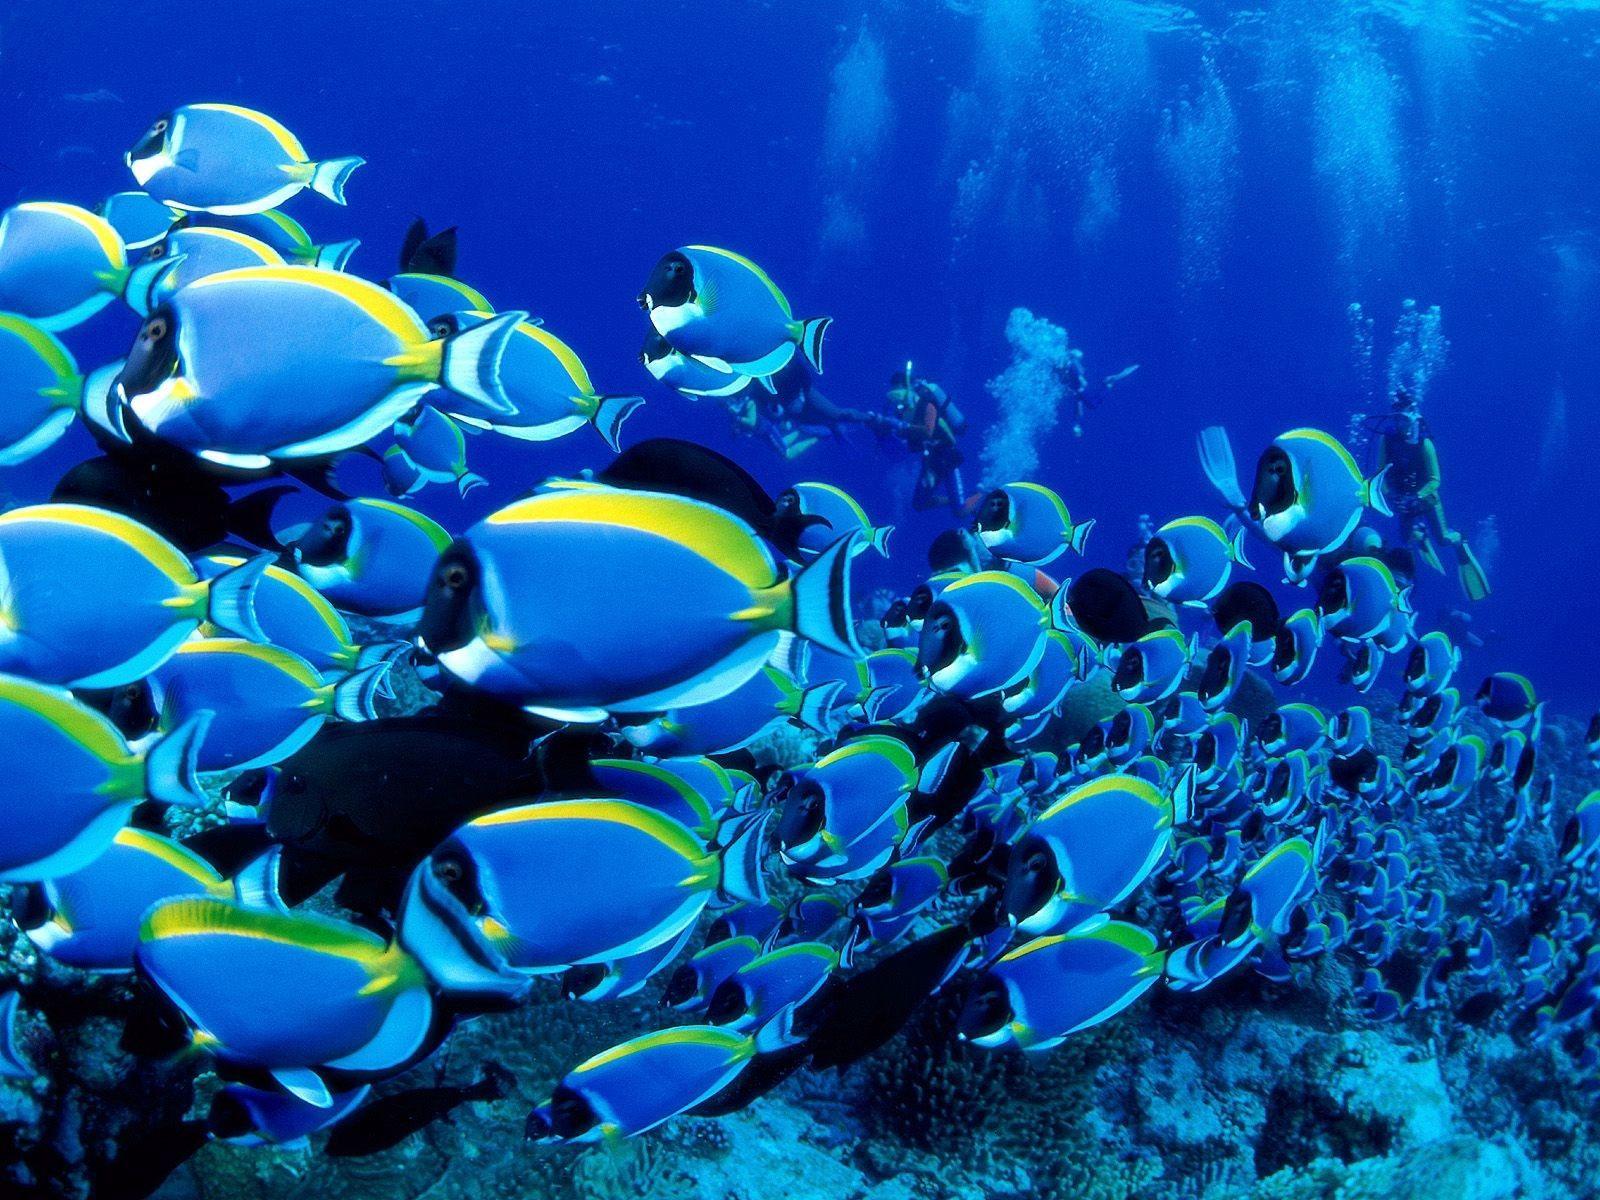 90733 Заставки и Обои Рыбы на телефон. Скачать Рыбы, Животные, Океан, Подводный Мир, Множество картинки бесплатно